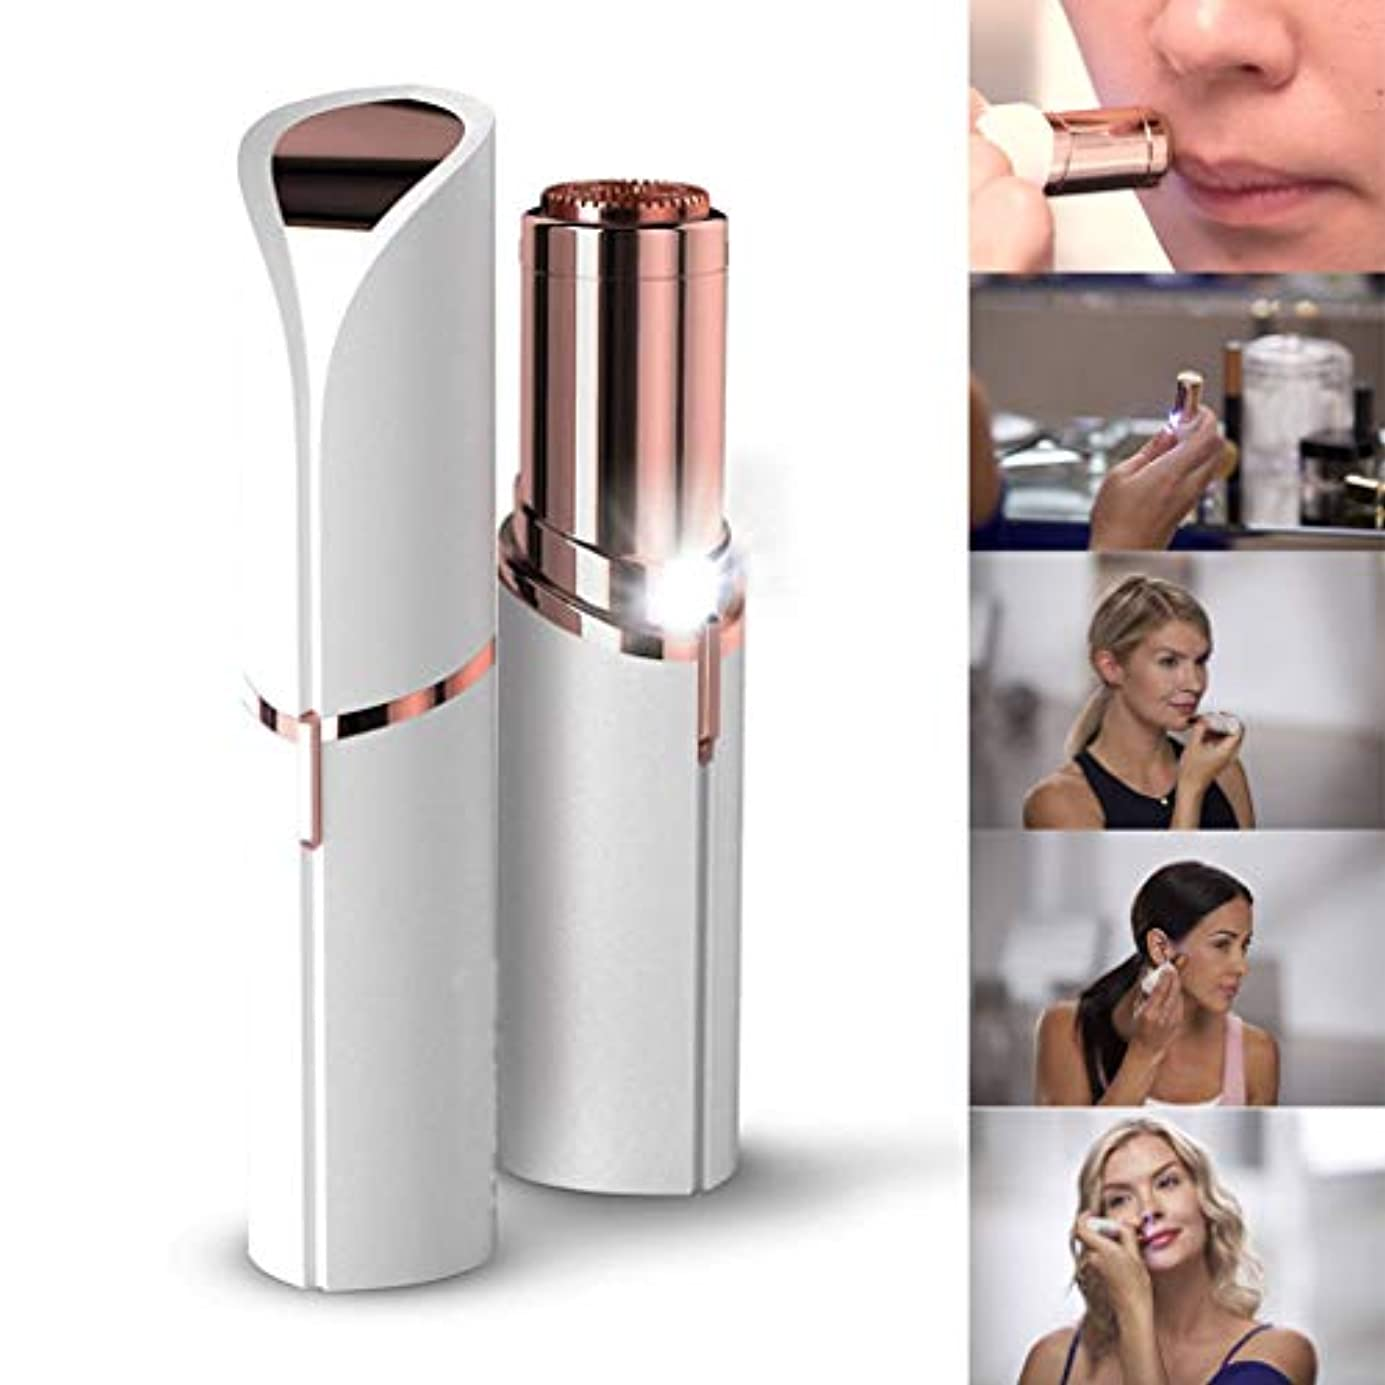 女性のための顔用ヘアトリマー、女性の無痛脱毛かみそり脱毛器ポータブル電気顔用ヘアリムーバル(電池式)